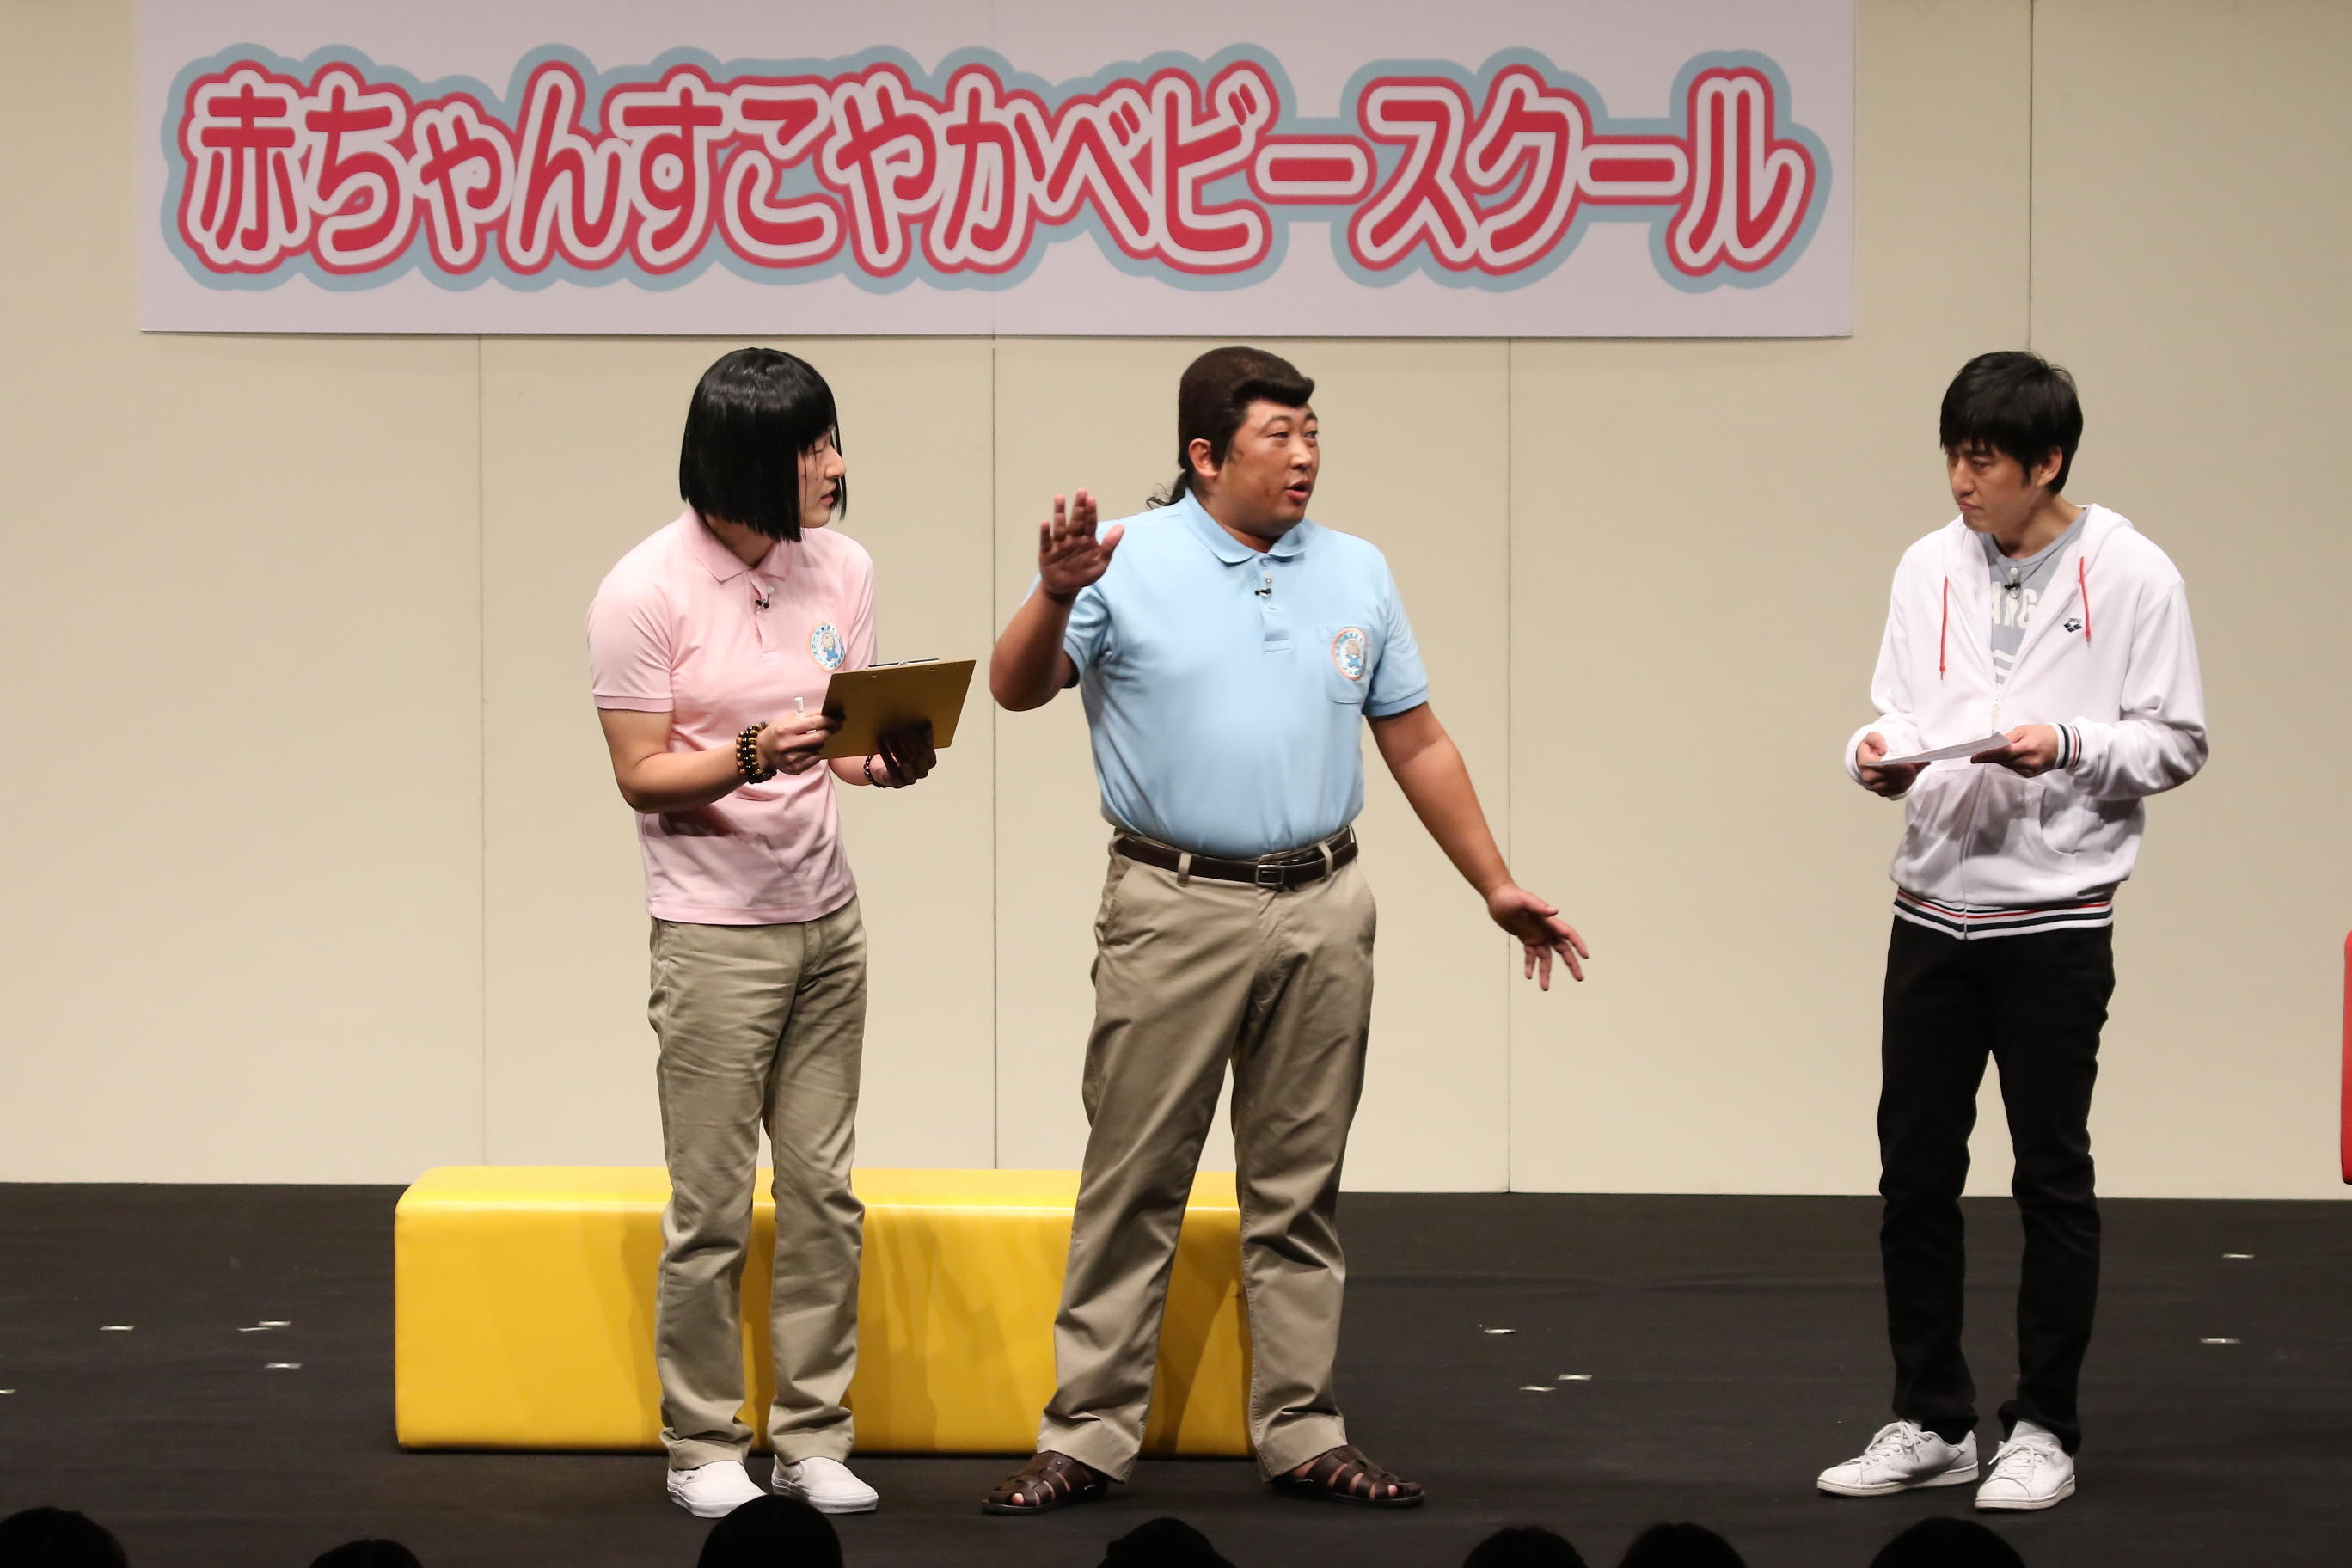 http://news.yoshimoto.co.jp/20190111101253-8dabe96ba55f8afd9ffed0cd5249b87c6e06aa8d.jpg